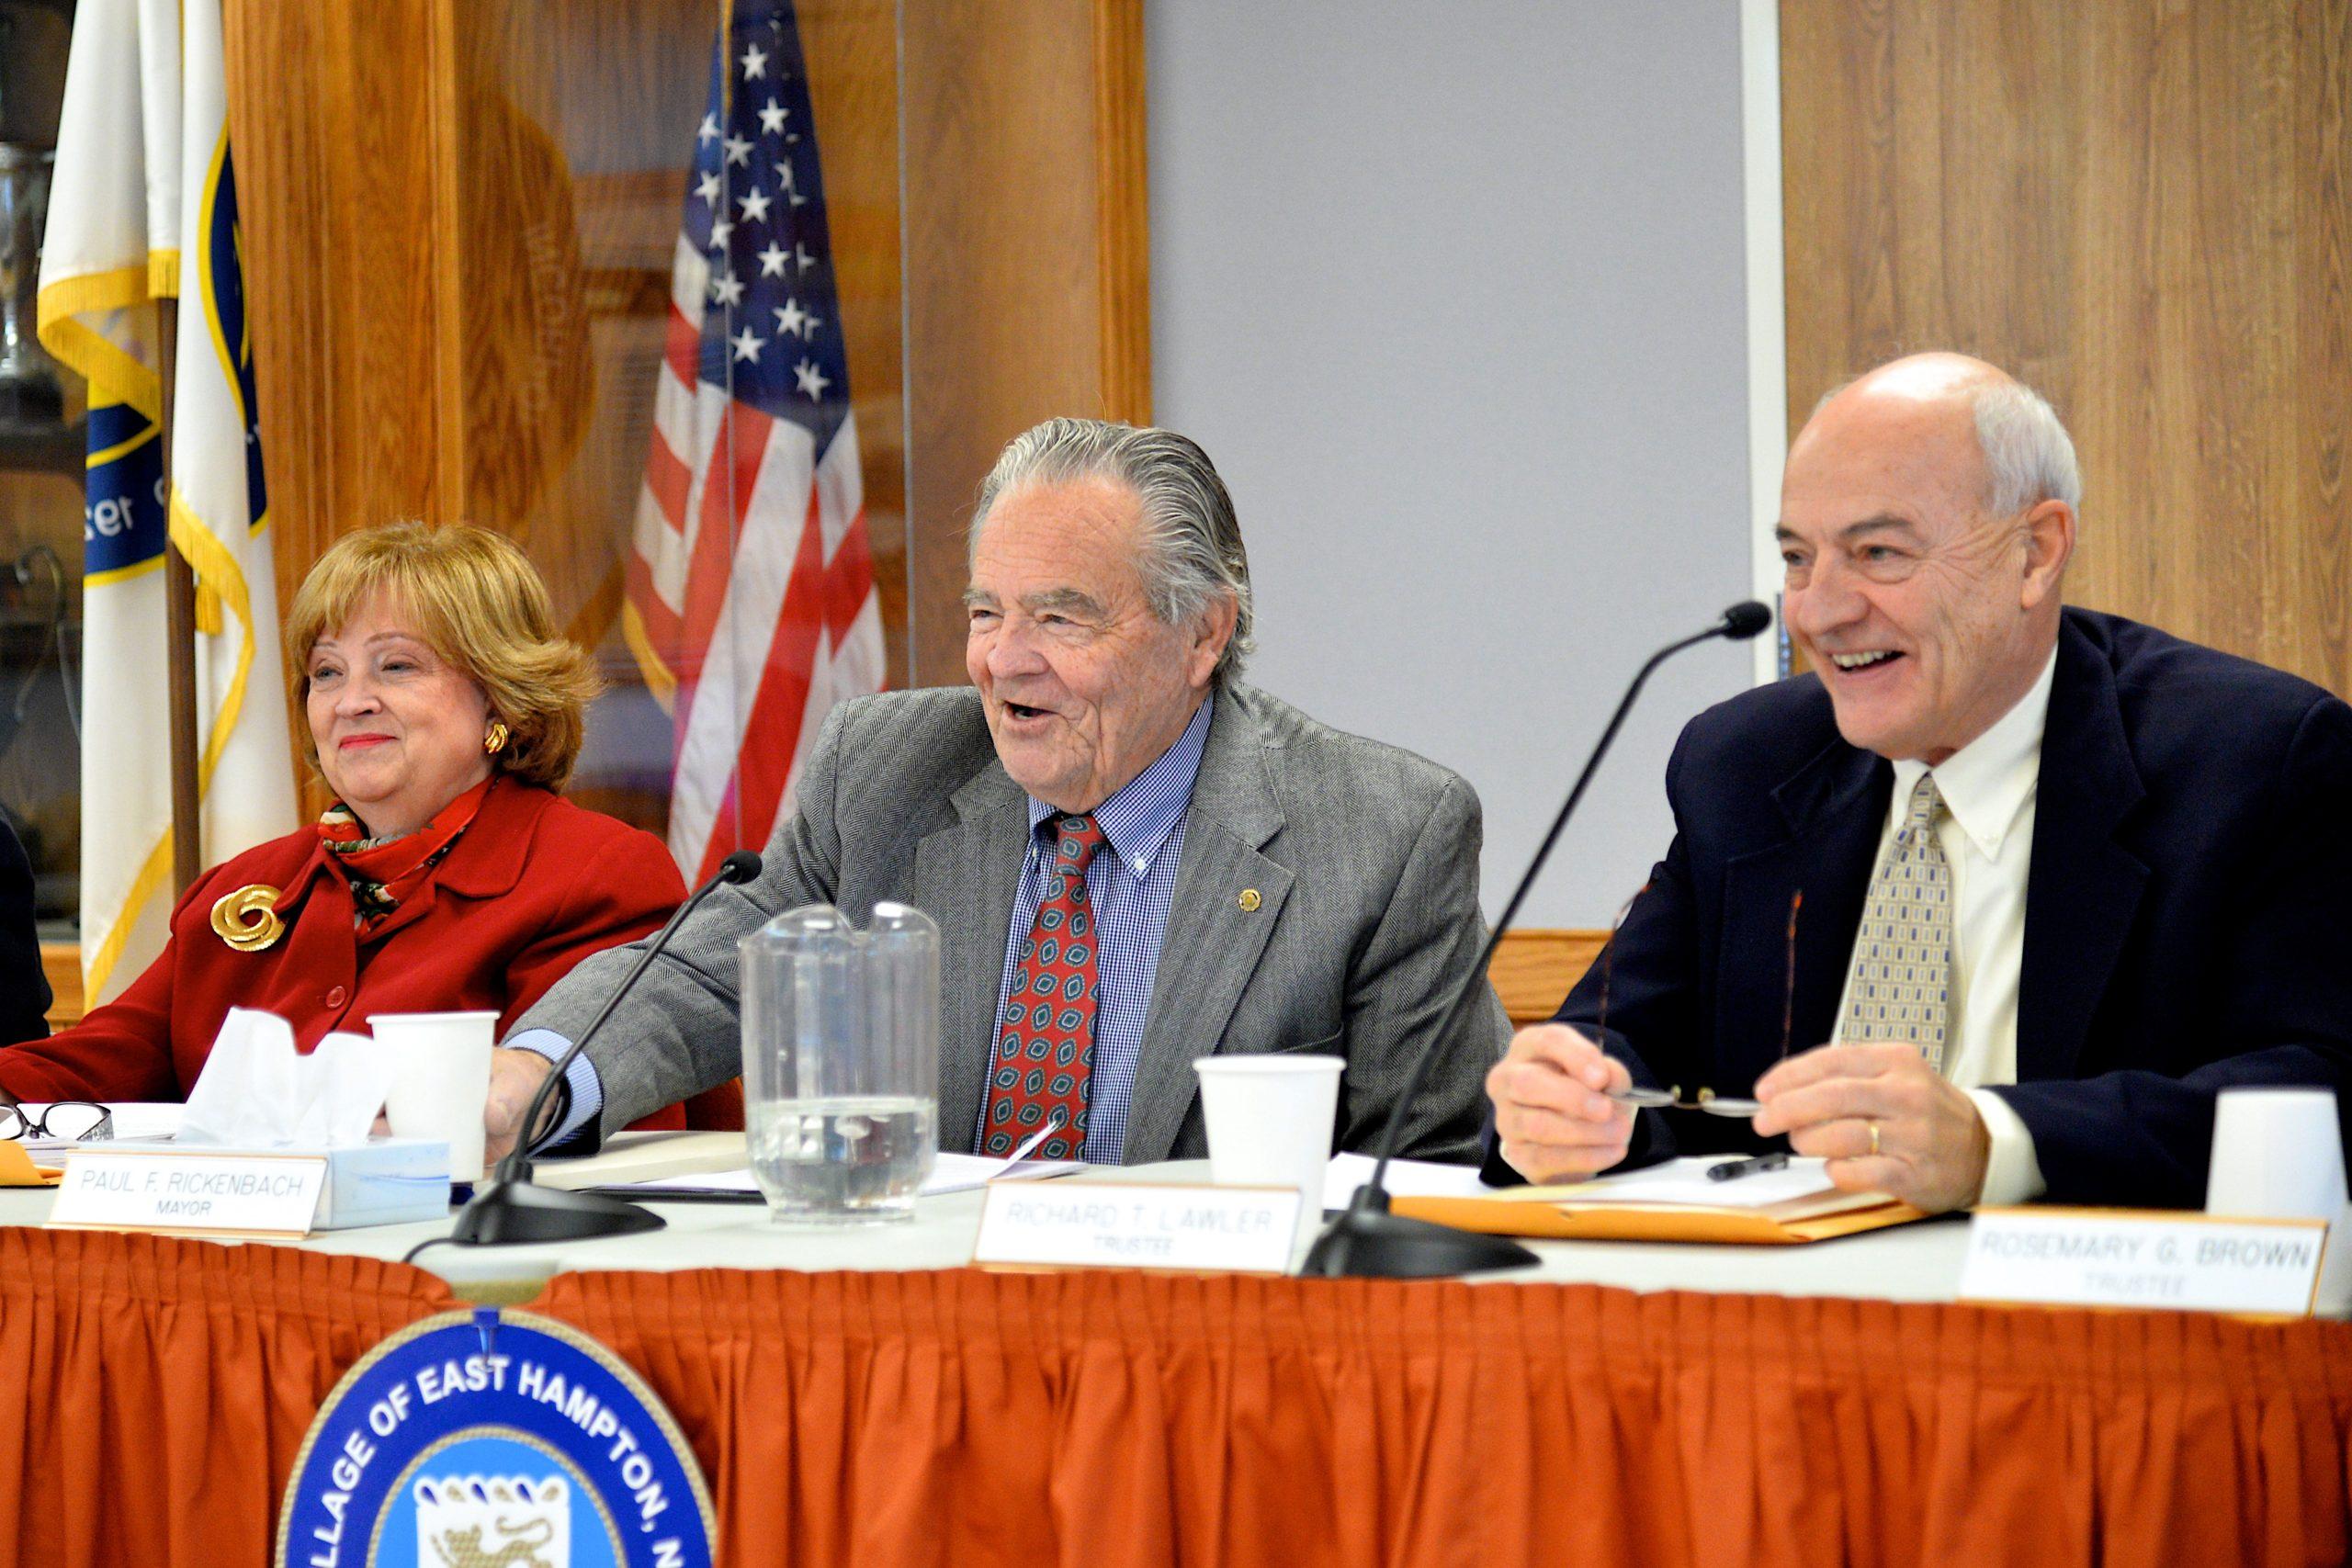 Barbara Borsack, Paul F. Rickenbach Jr. and Richard Lawler at Mayor Rickenbach's last Village Board meeting.   KYRIL BROMLEY